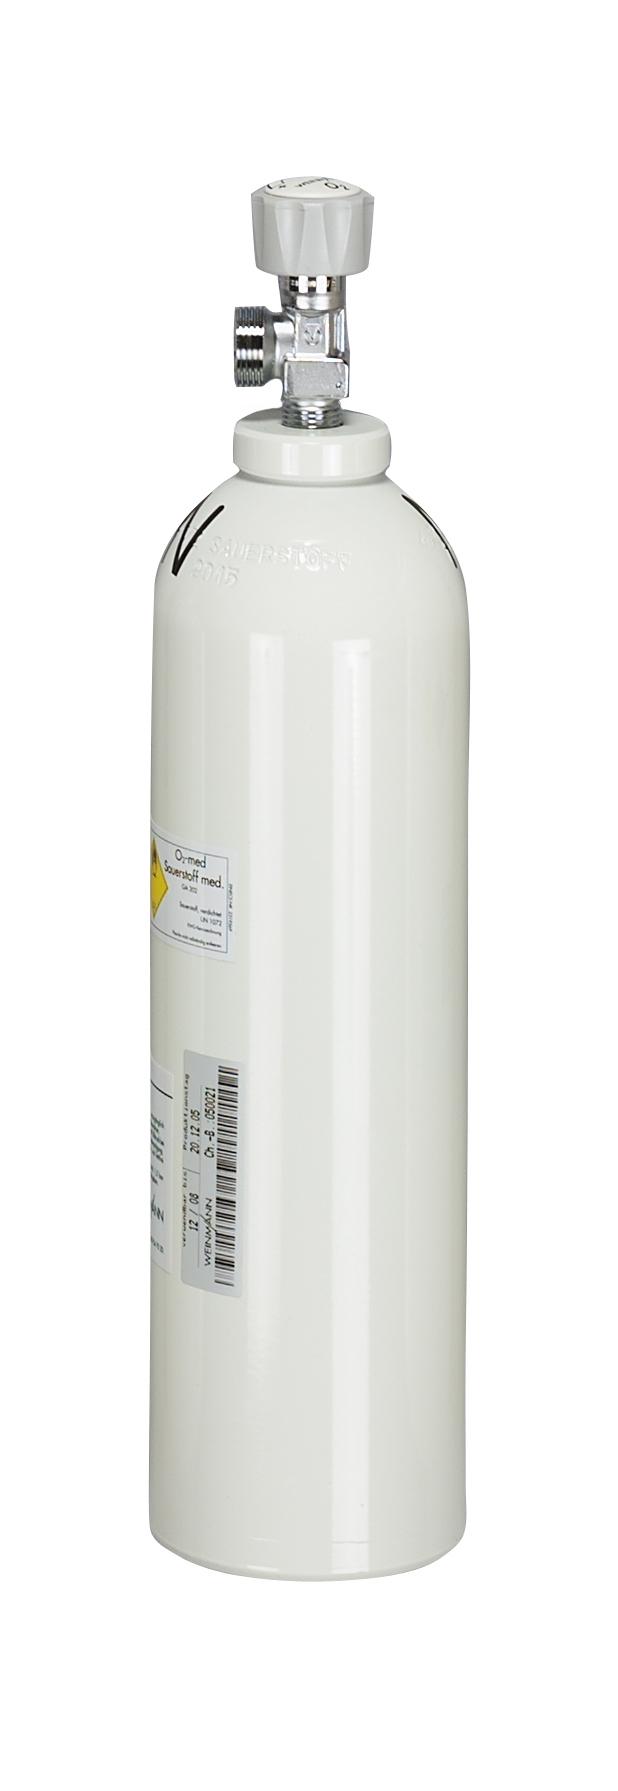 Sauerstoff-Leichtflasche, gefüllt, G 3/4, 2 l